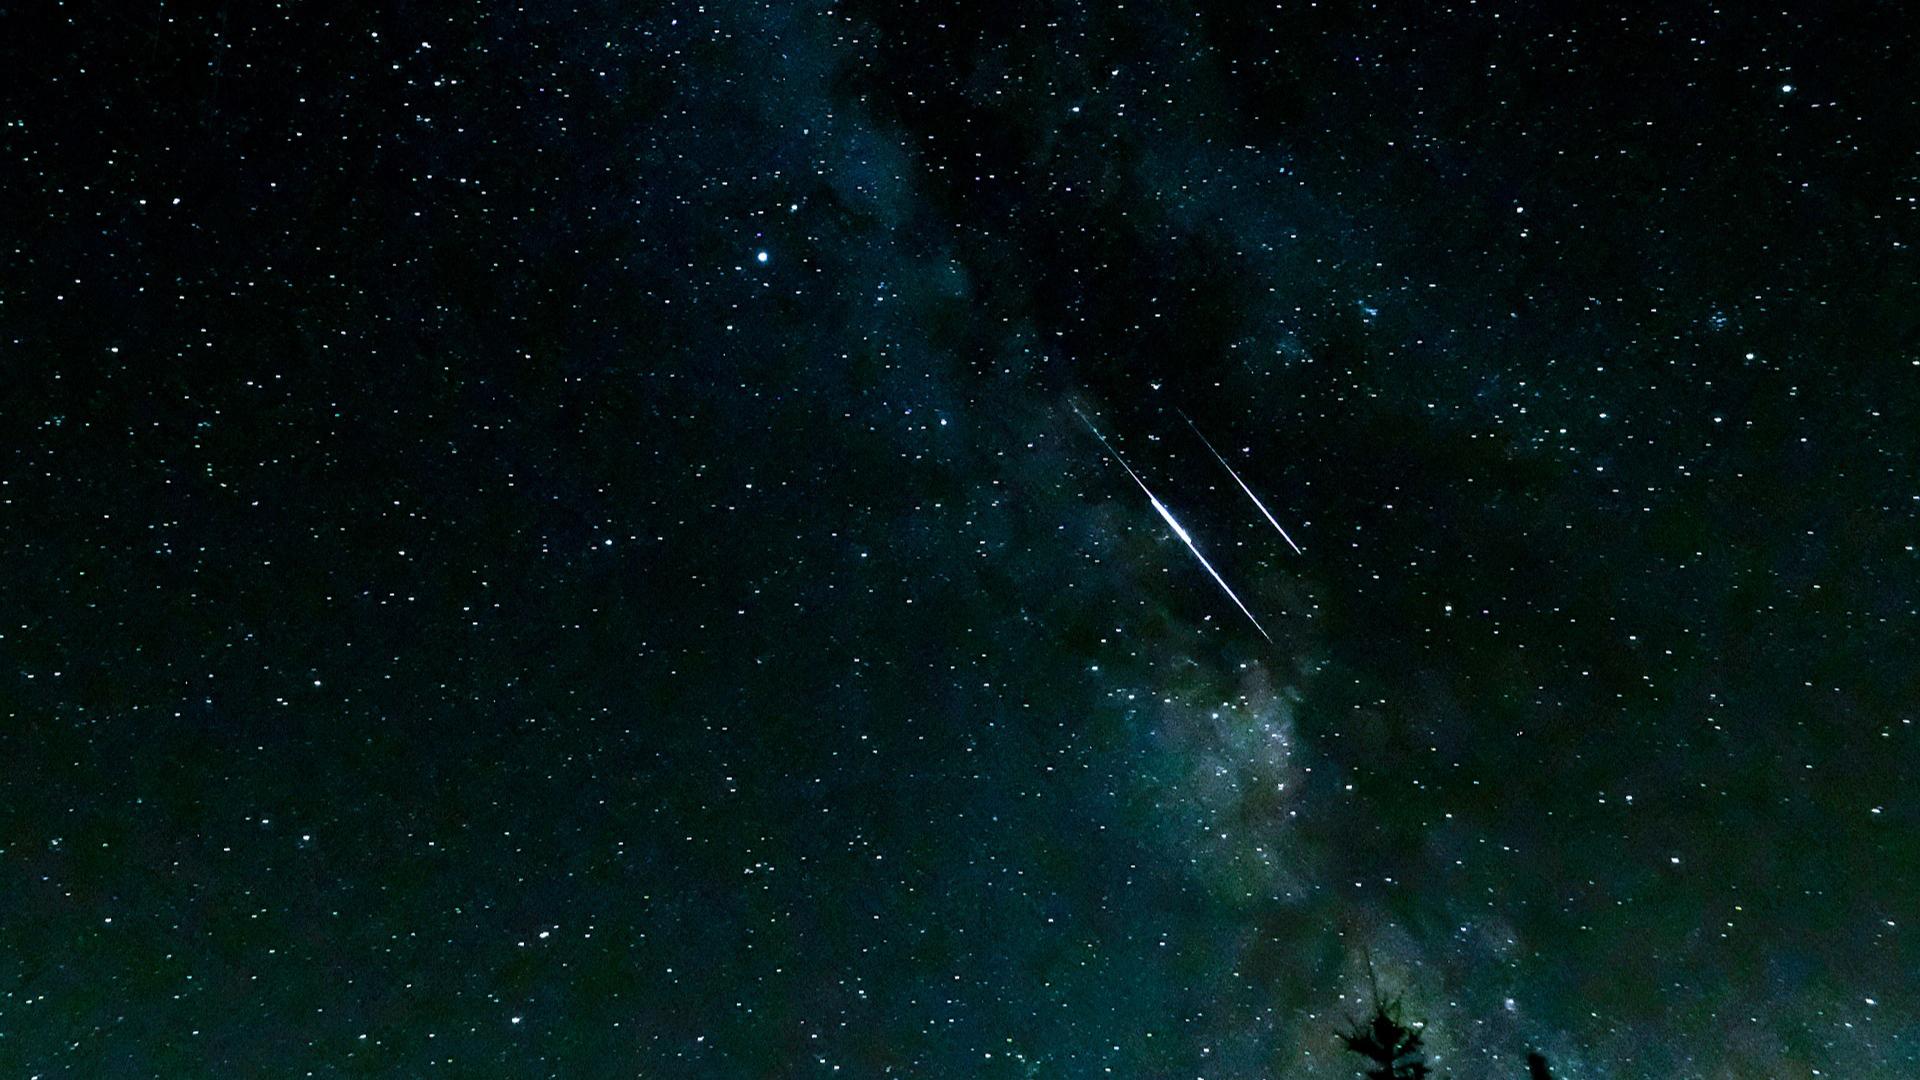 étoiles Filantes Lune Planètes Que Voir Dans Le Ciel En